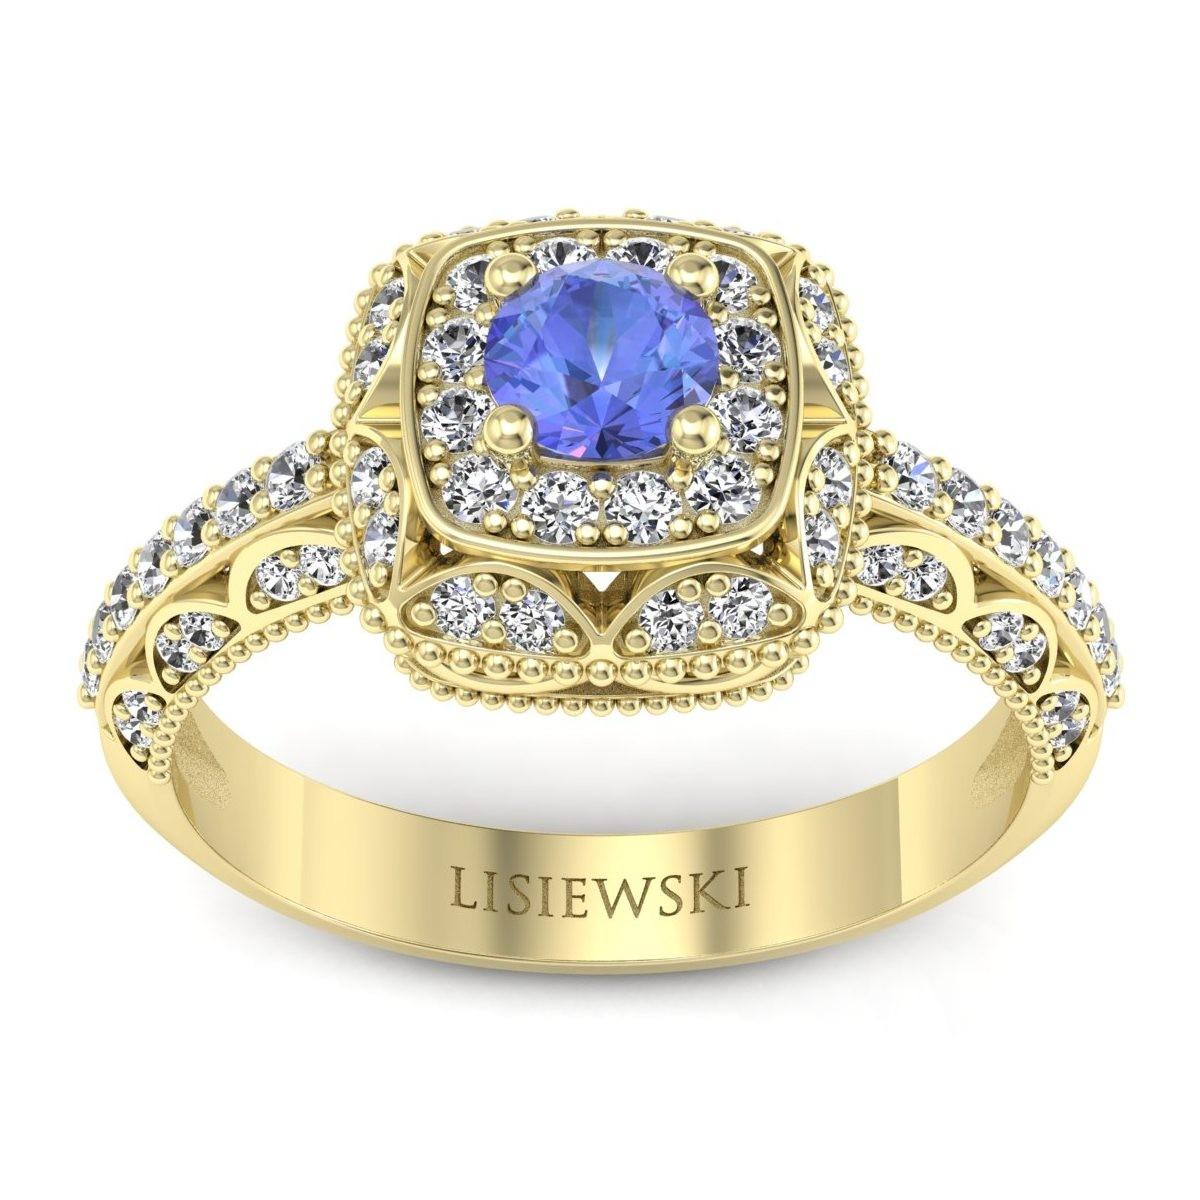 Elizabeth - Pierścionek złoty z tanzanitem i diamentami